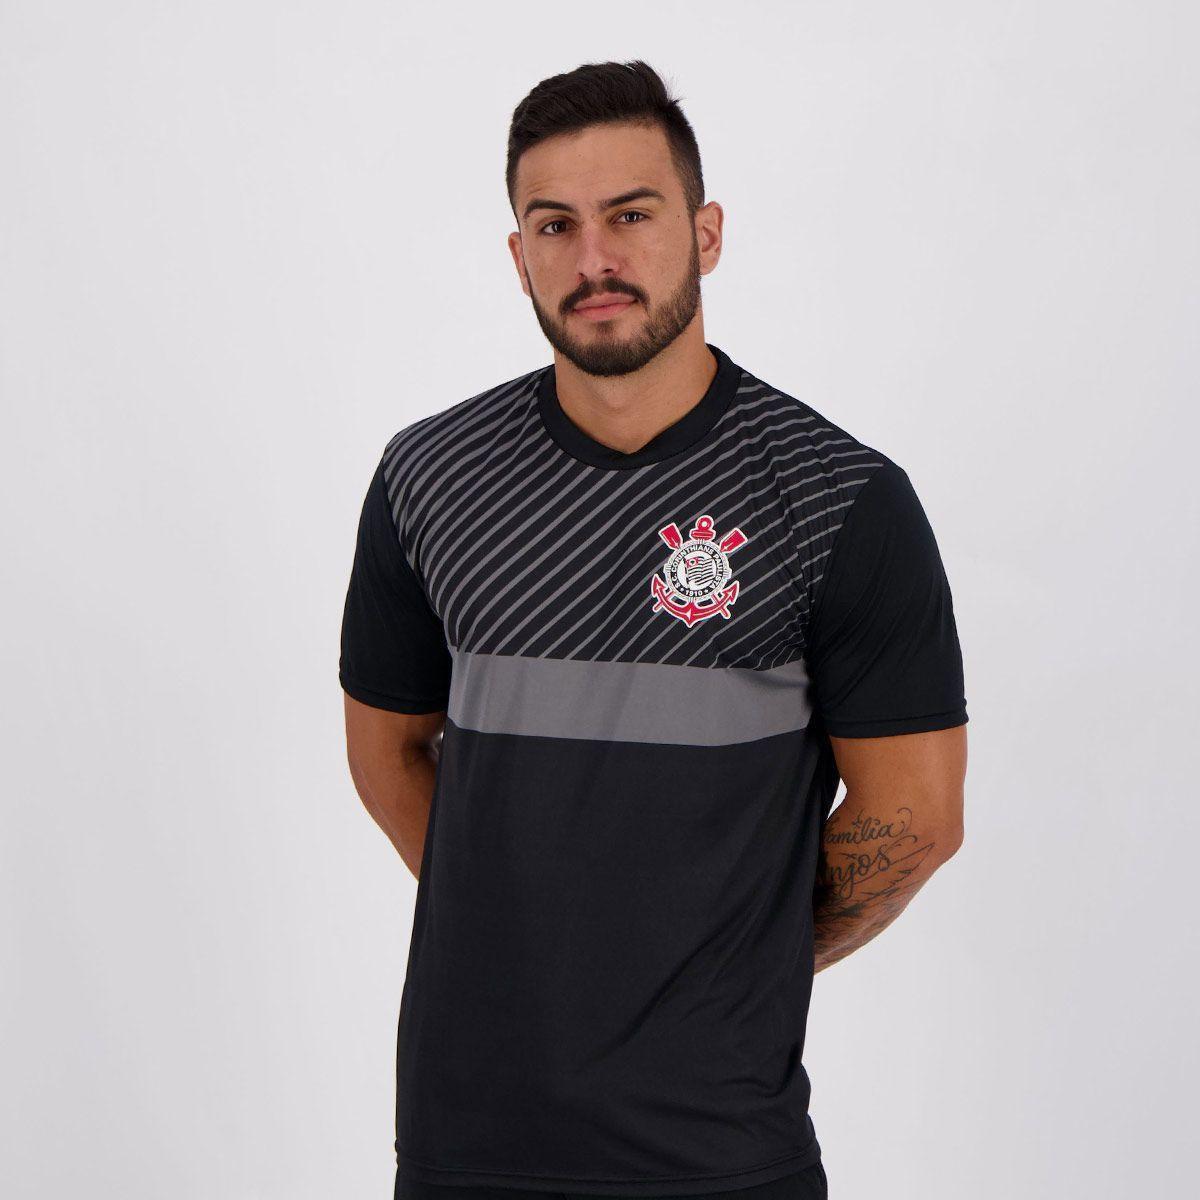 Camiseta Corinthians Peter Masculina - Compre Agora  f79183efdcb